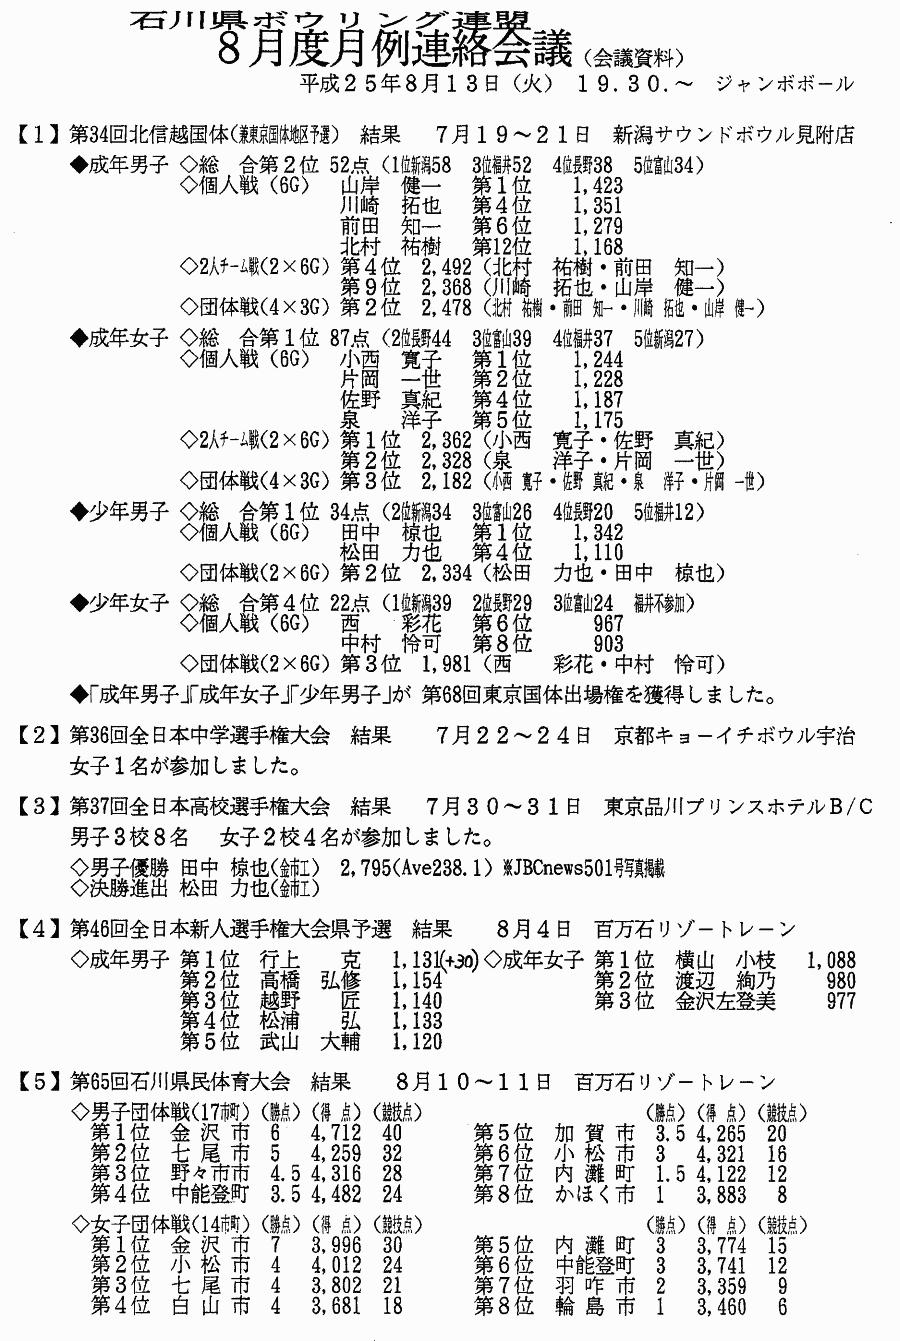 石川県ボウリング連盟 2013年8月度 月例連絡会議_01